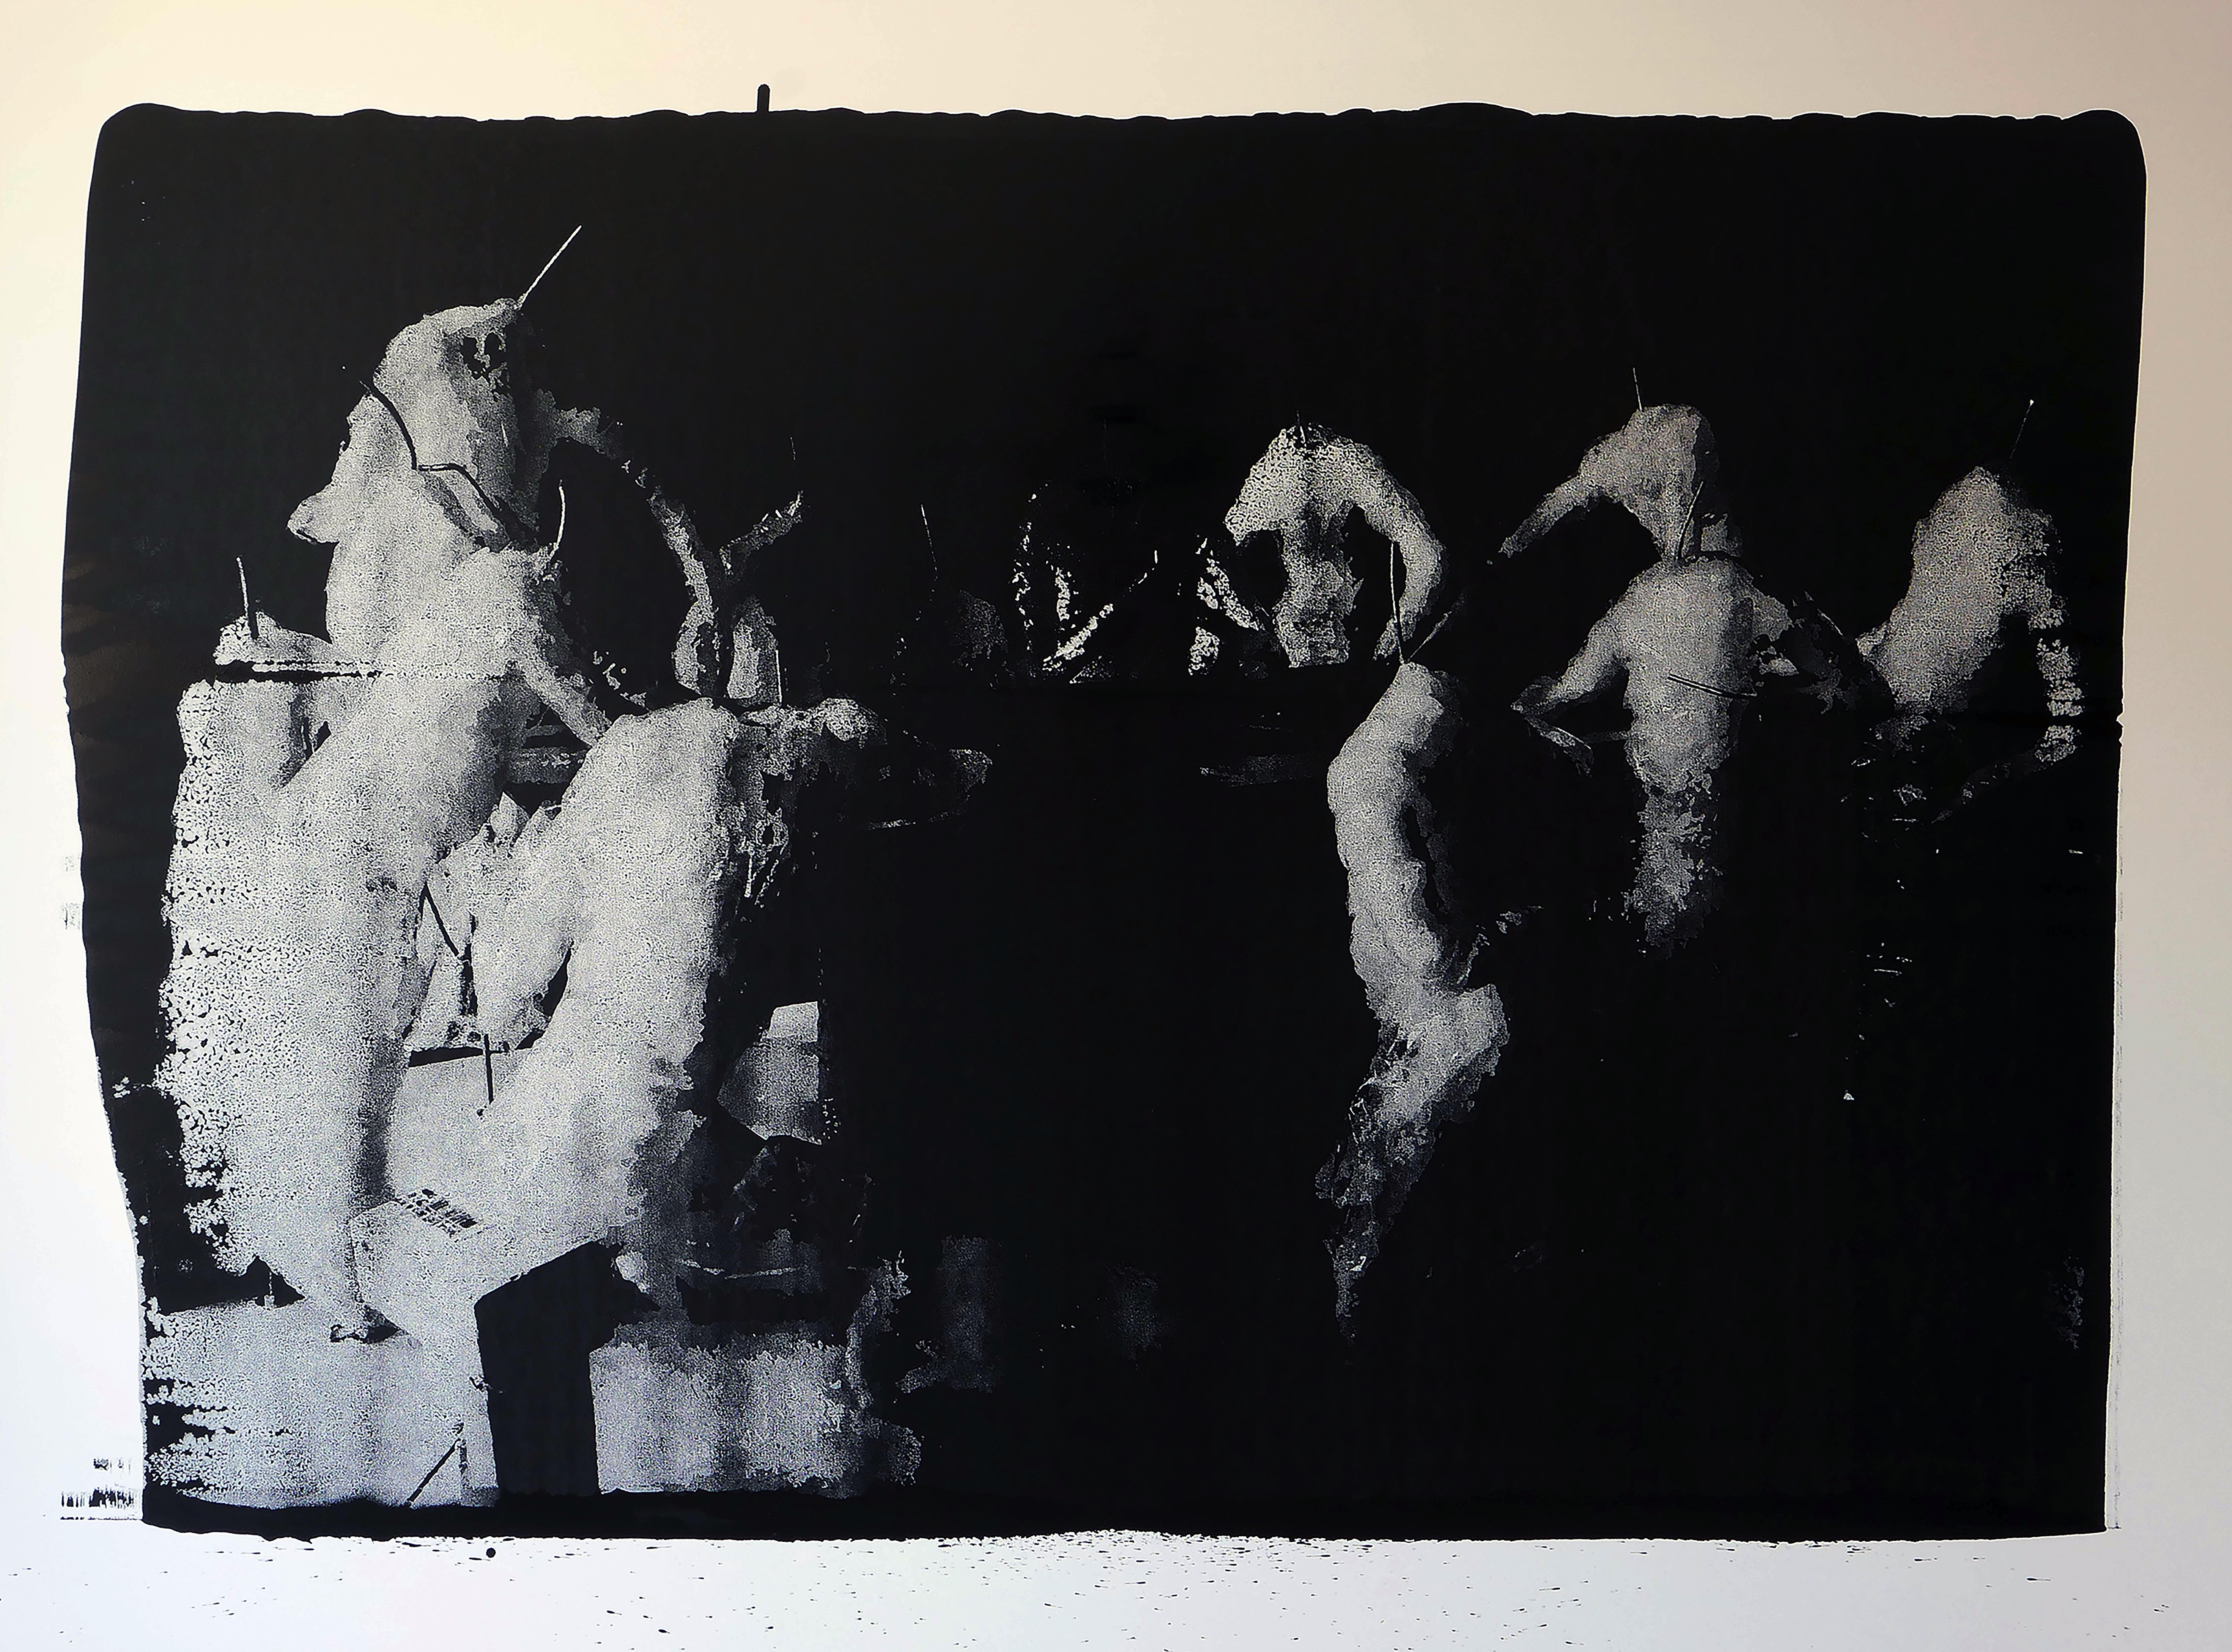 encre de chine sur papier de Thomas de vuillefroy en vente dans la boutique officielle de la galerie 22